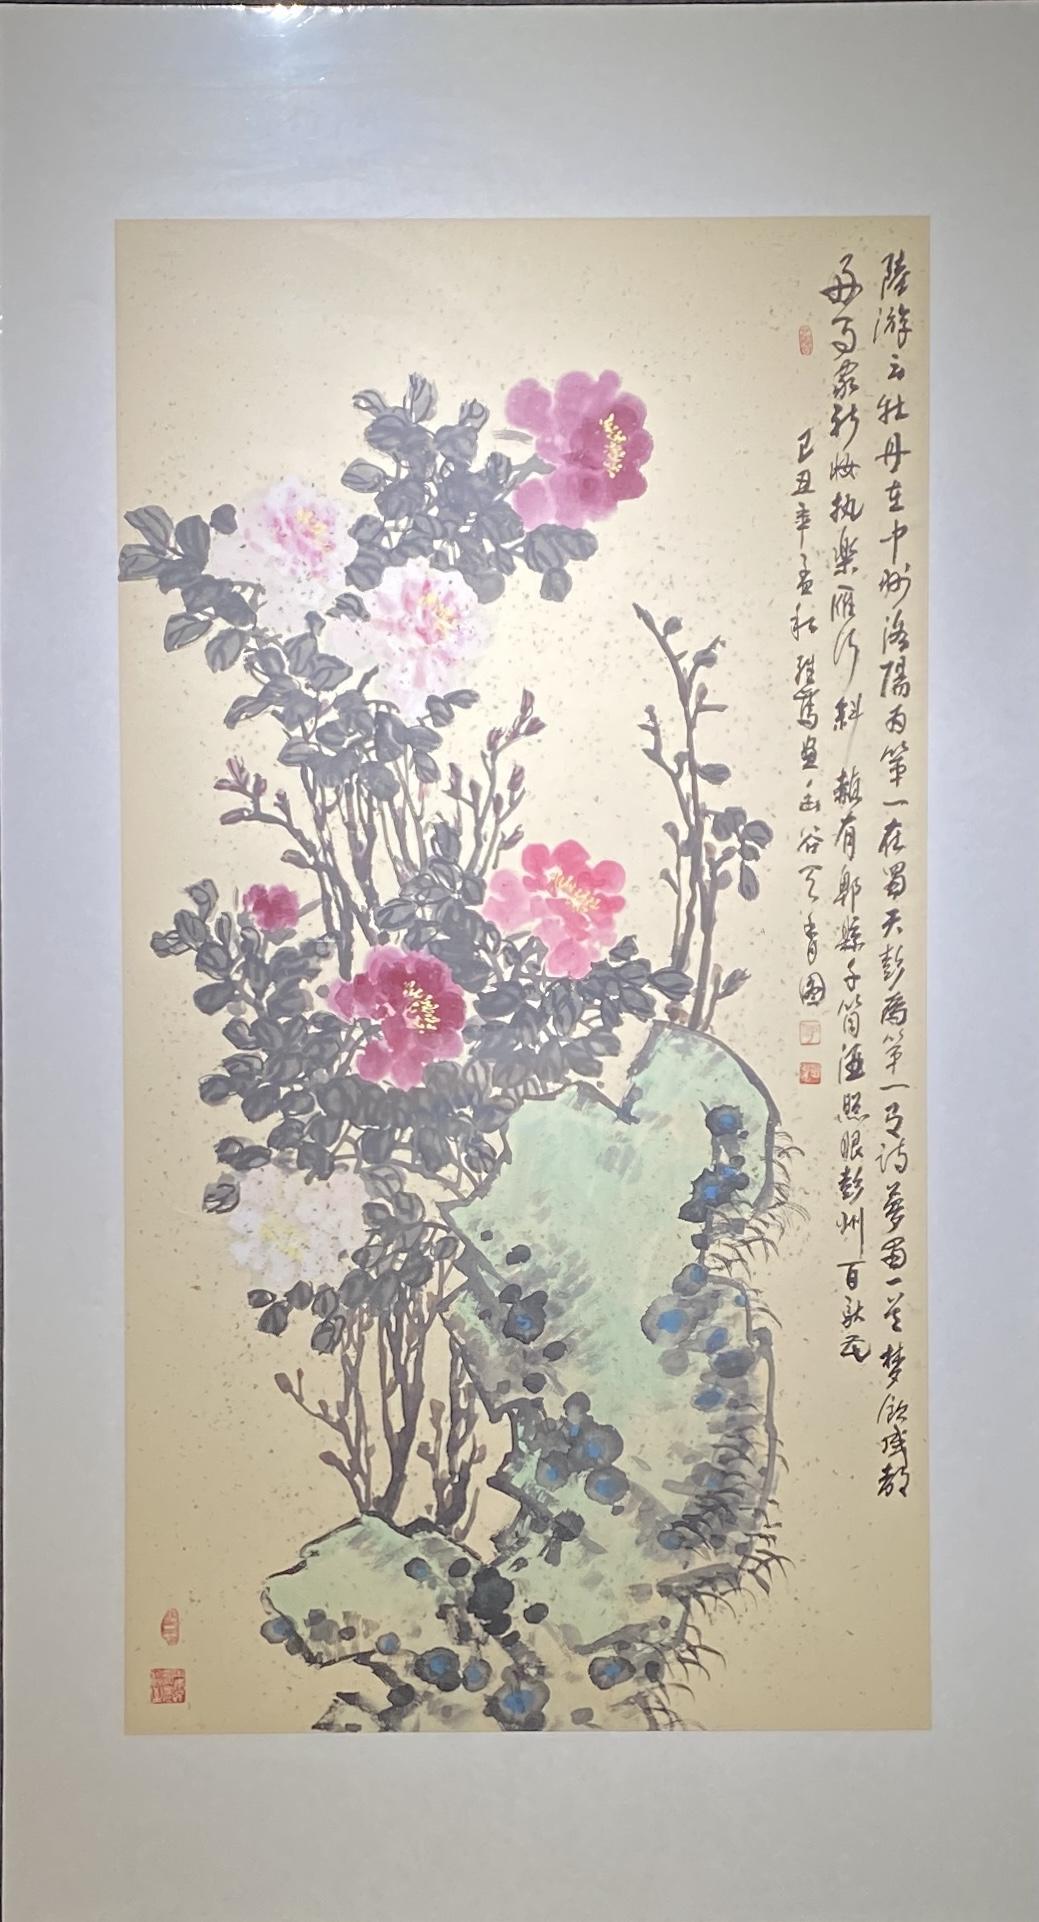 陸游雲牡丹-2009-中国画-173×94cm-「丹青を振りかけ、詩情を送る-何継篤個人書画展」成都市美術館